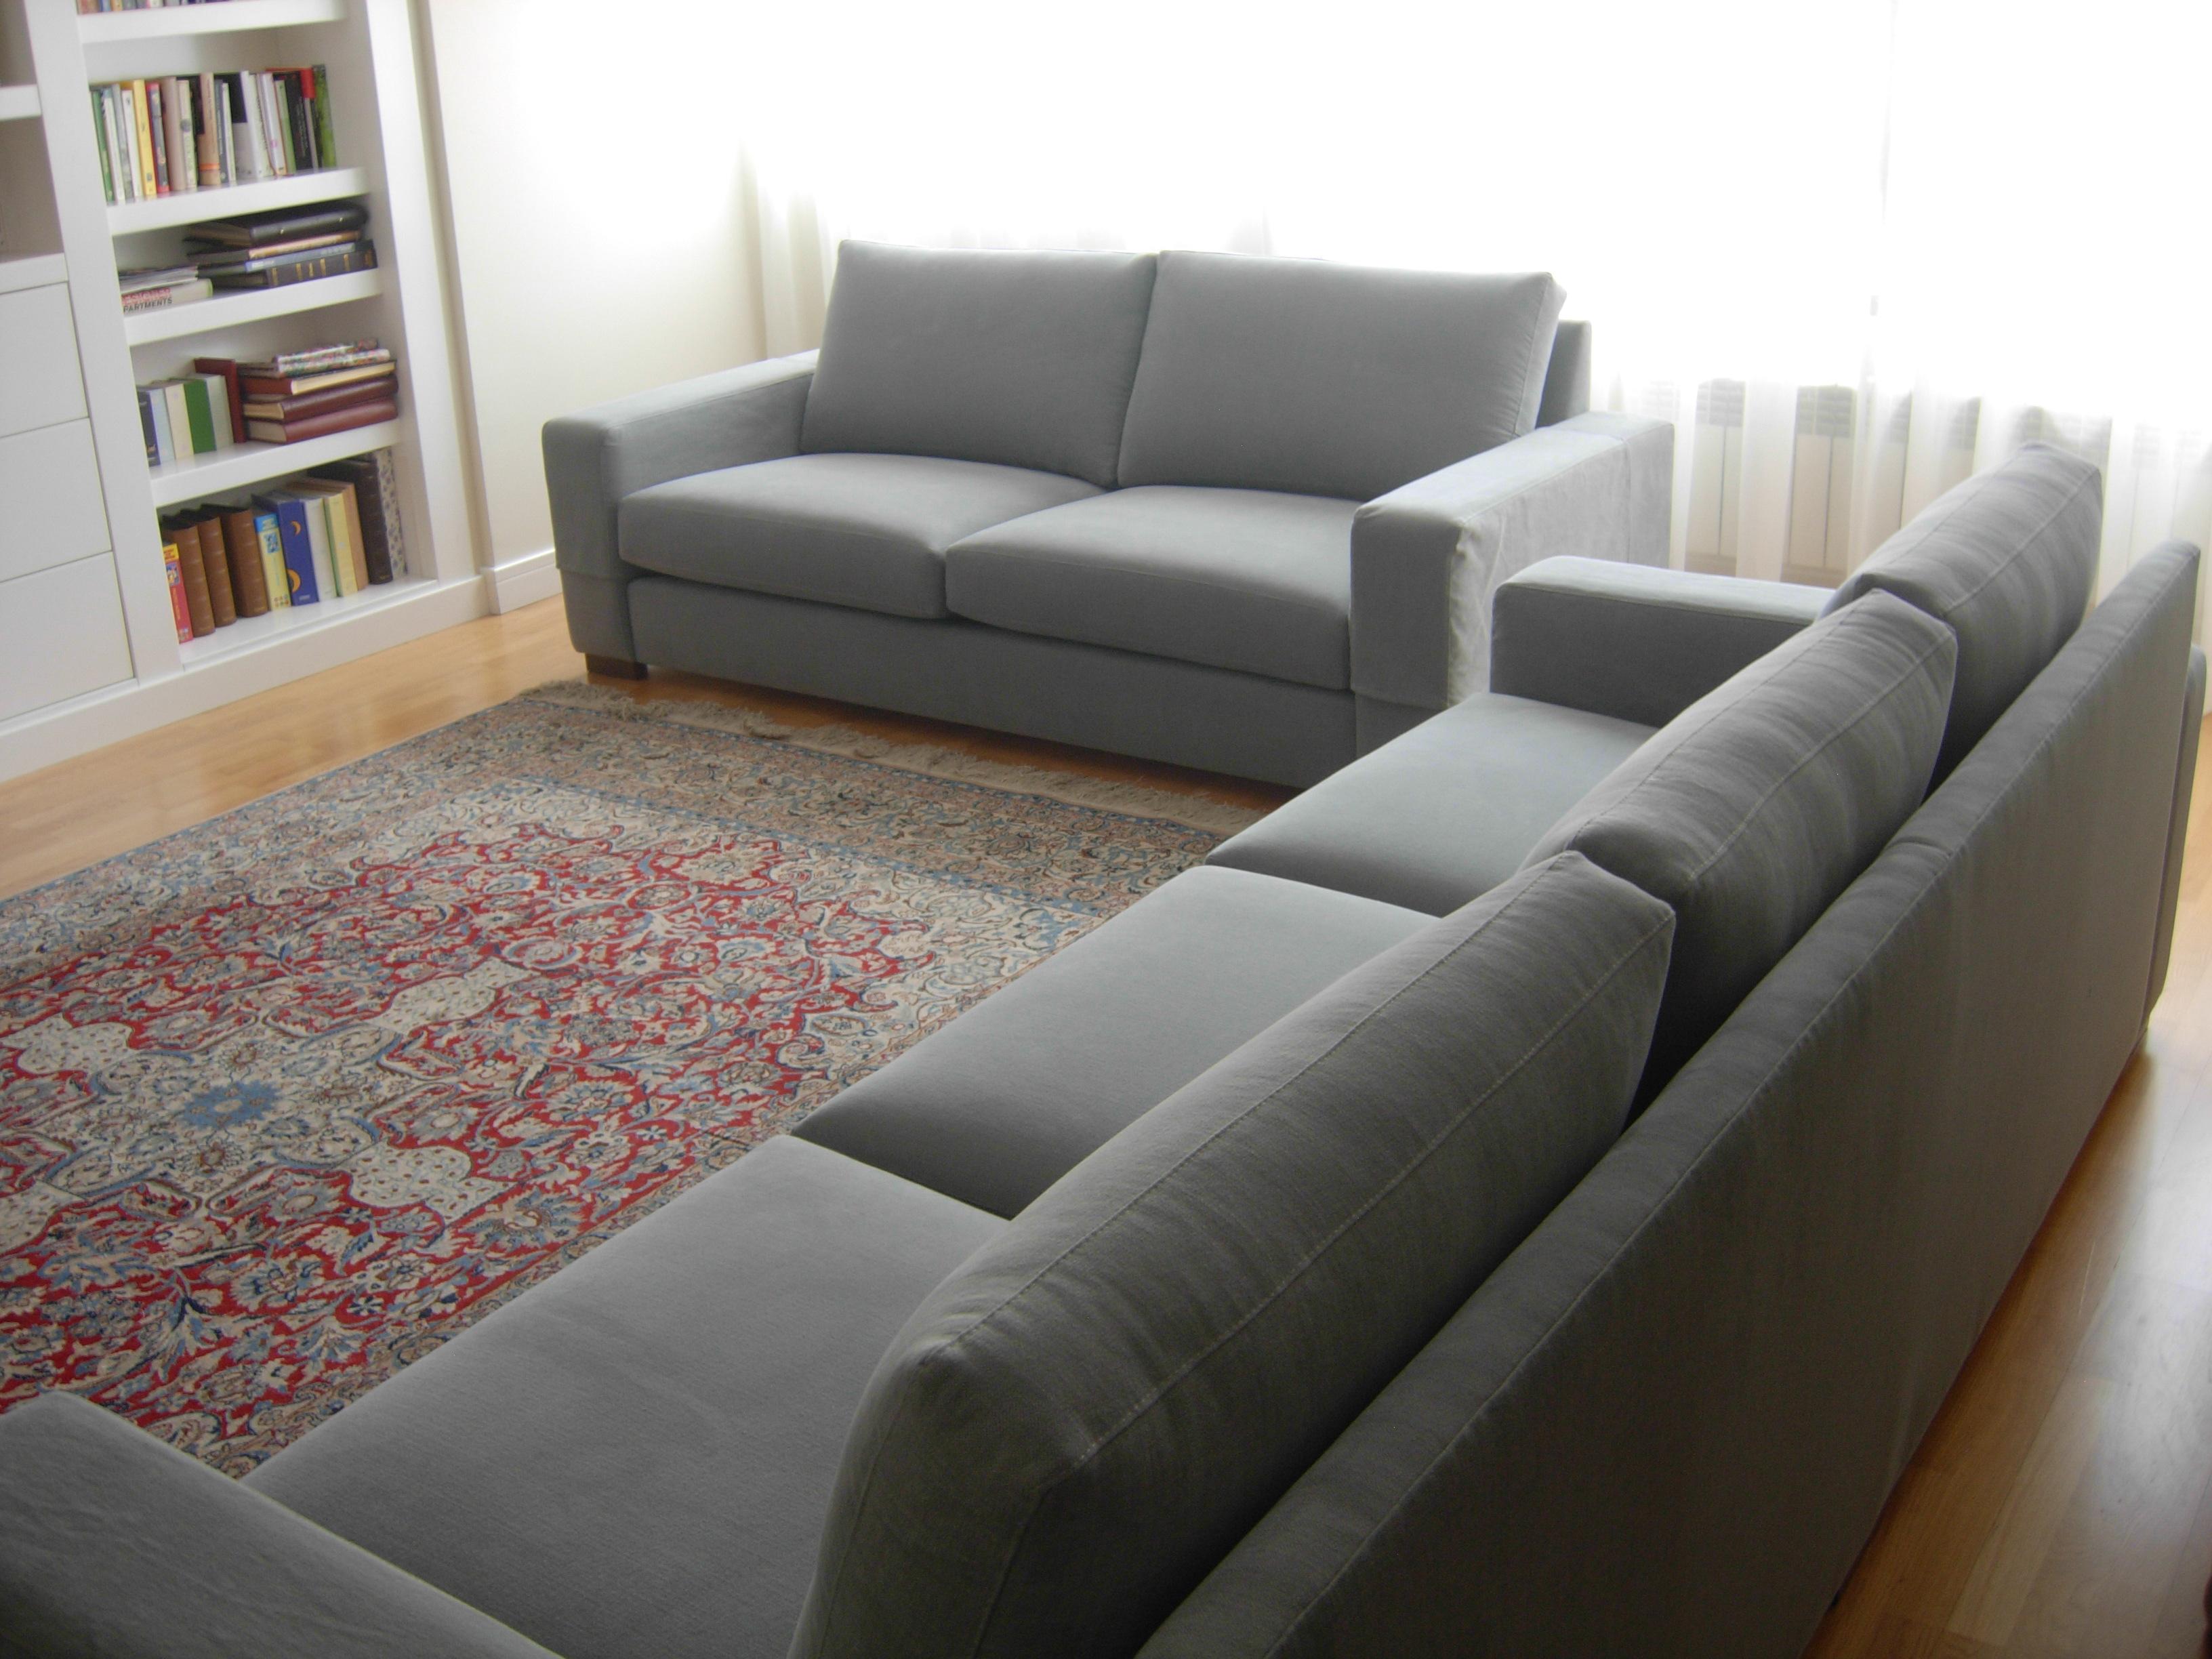 Sofas mirlo 3 y 2 tapizados artesanos tapizados artesanos - Artesanos del sofa ...